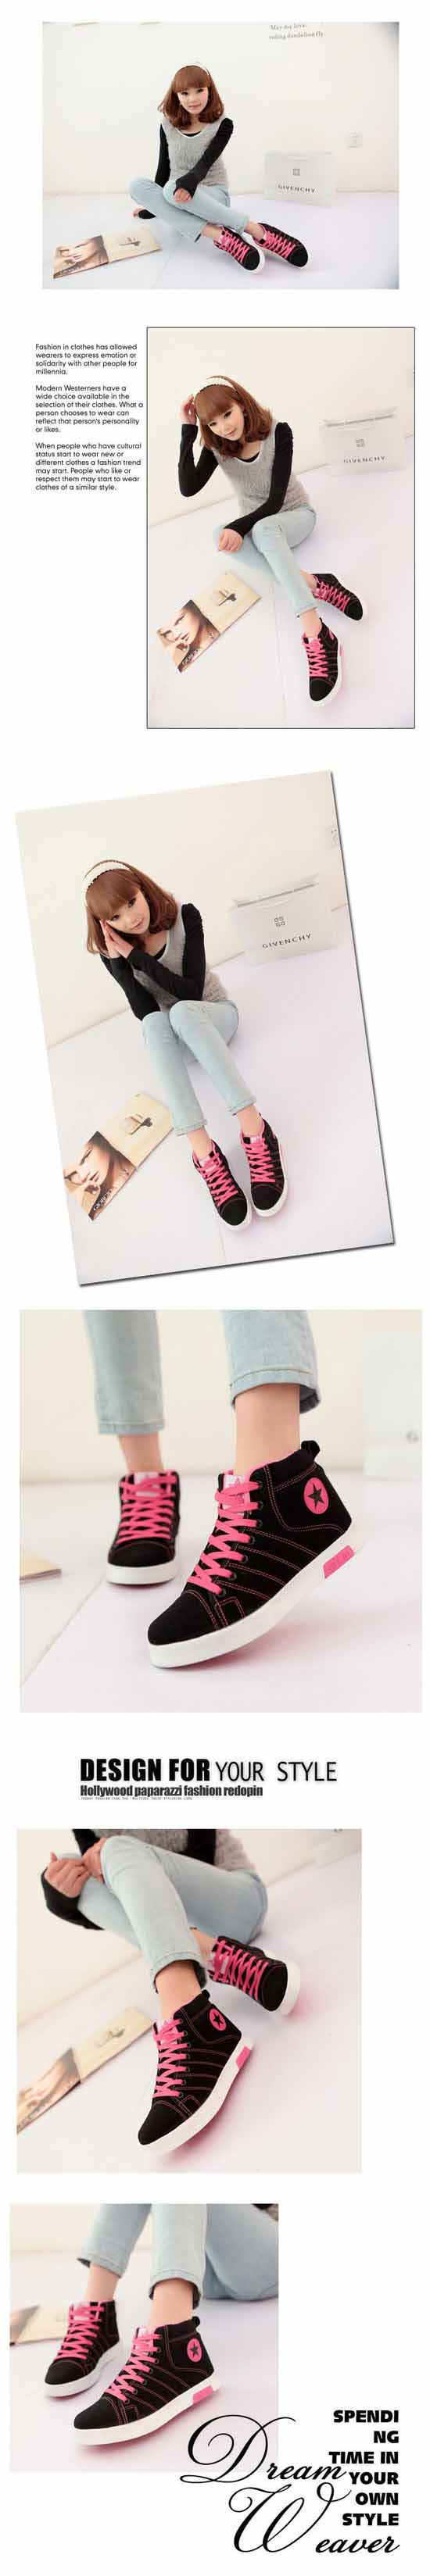 รองเท้าผ้าใบ แฟชั่นเกาหลีหุ้มข้อสไตล์แบรนด์ นำเข้า ไซส์36ถึง40